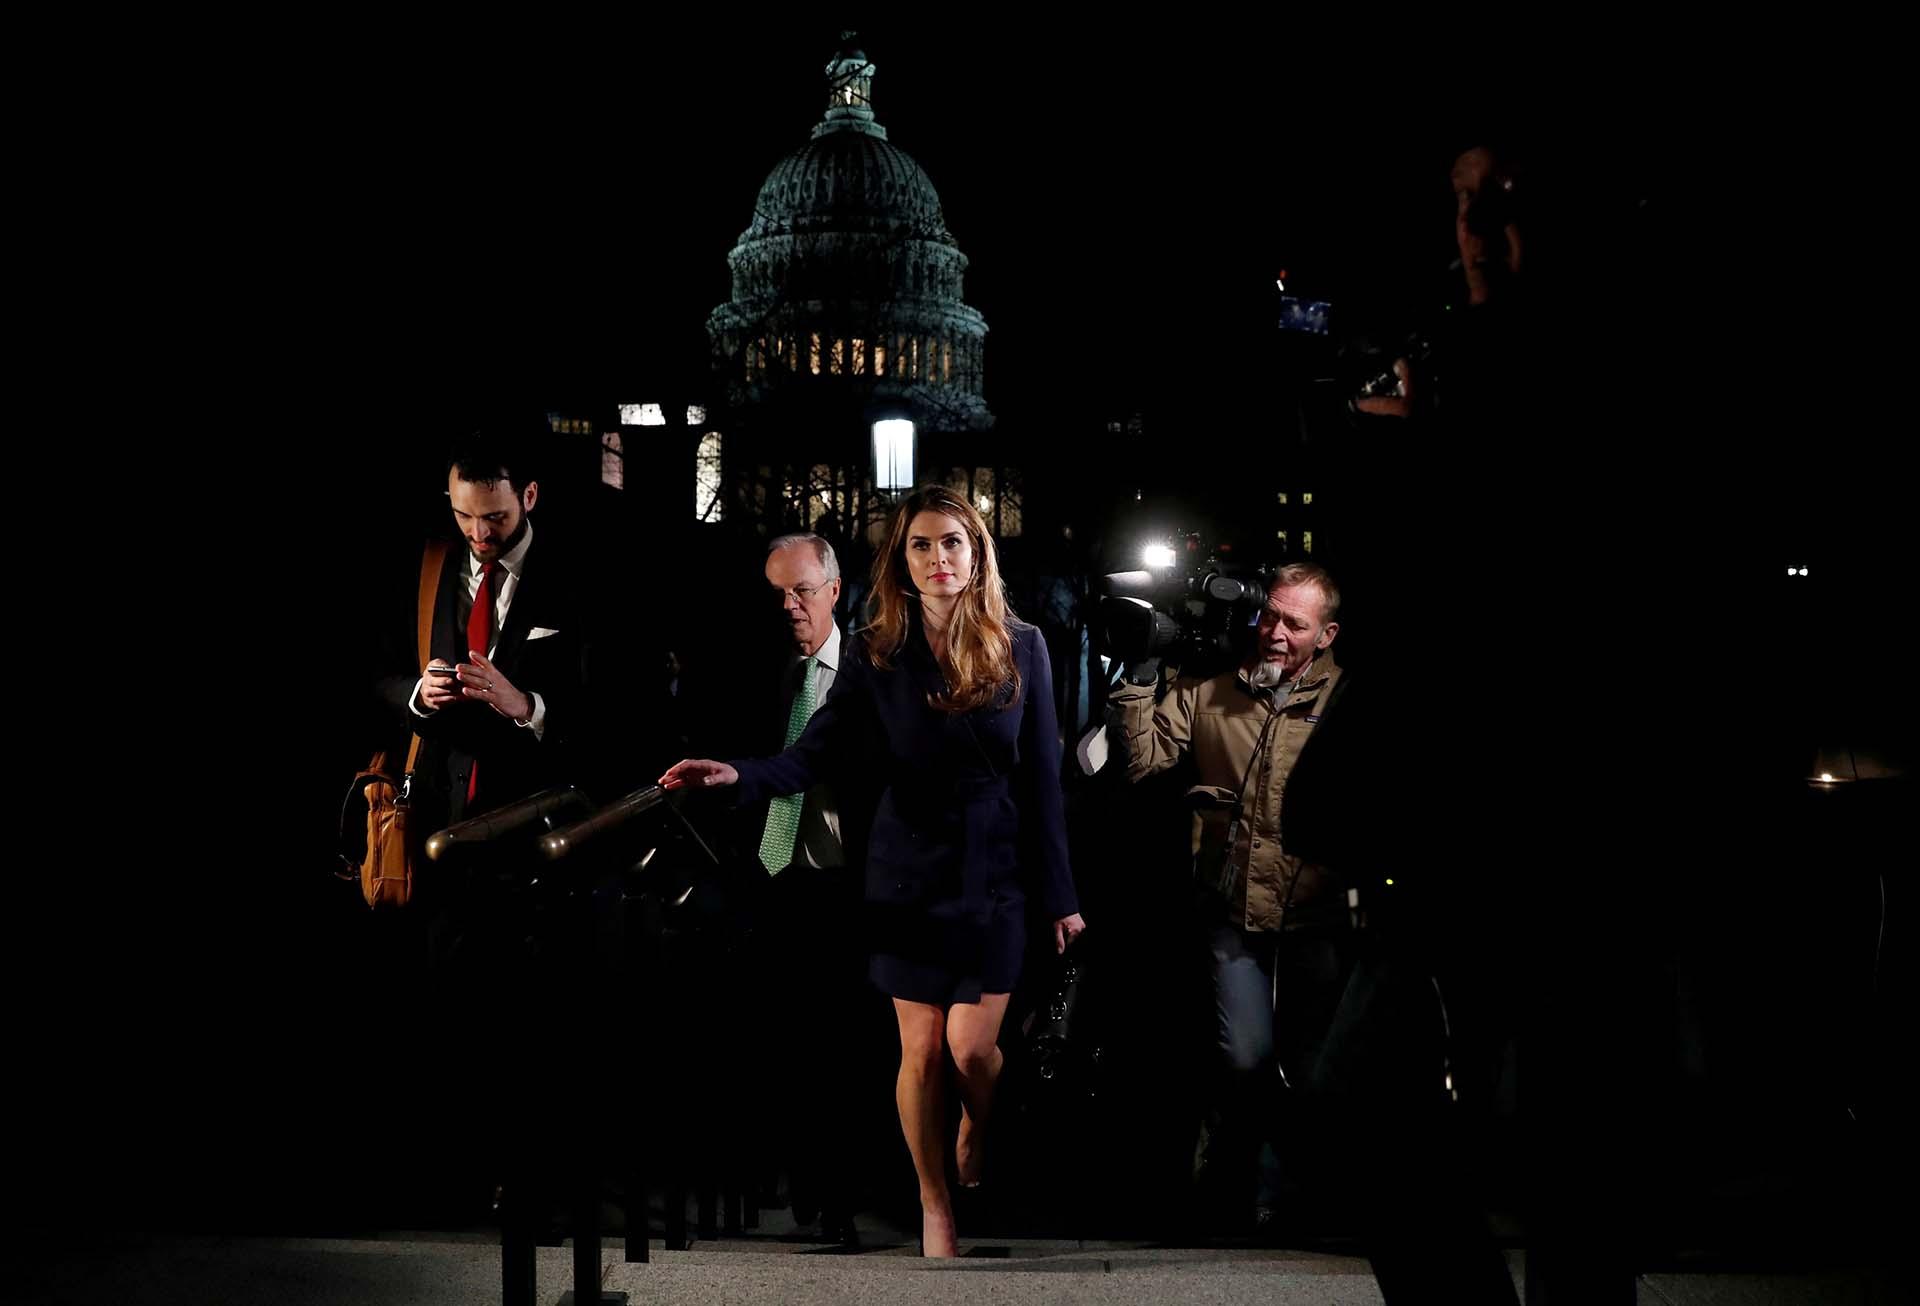 Hope Hicks, ex directora de Comunicaciones de la Casa Blanca,se retira de la Cámara de Representantes de EEUU tras declarar ante un comité sobre la trama rusa el 27 de febrero de 2018. Un día después presentó su renuncia al gobierno de Donald Trump (REUTERS/Leah Millis)